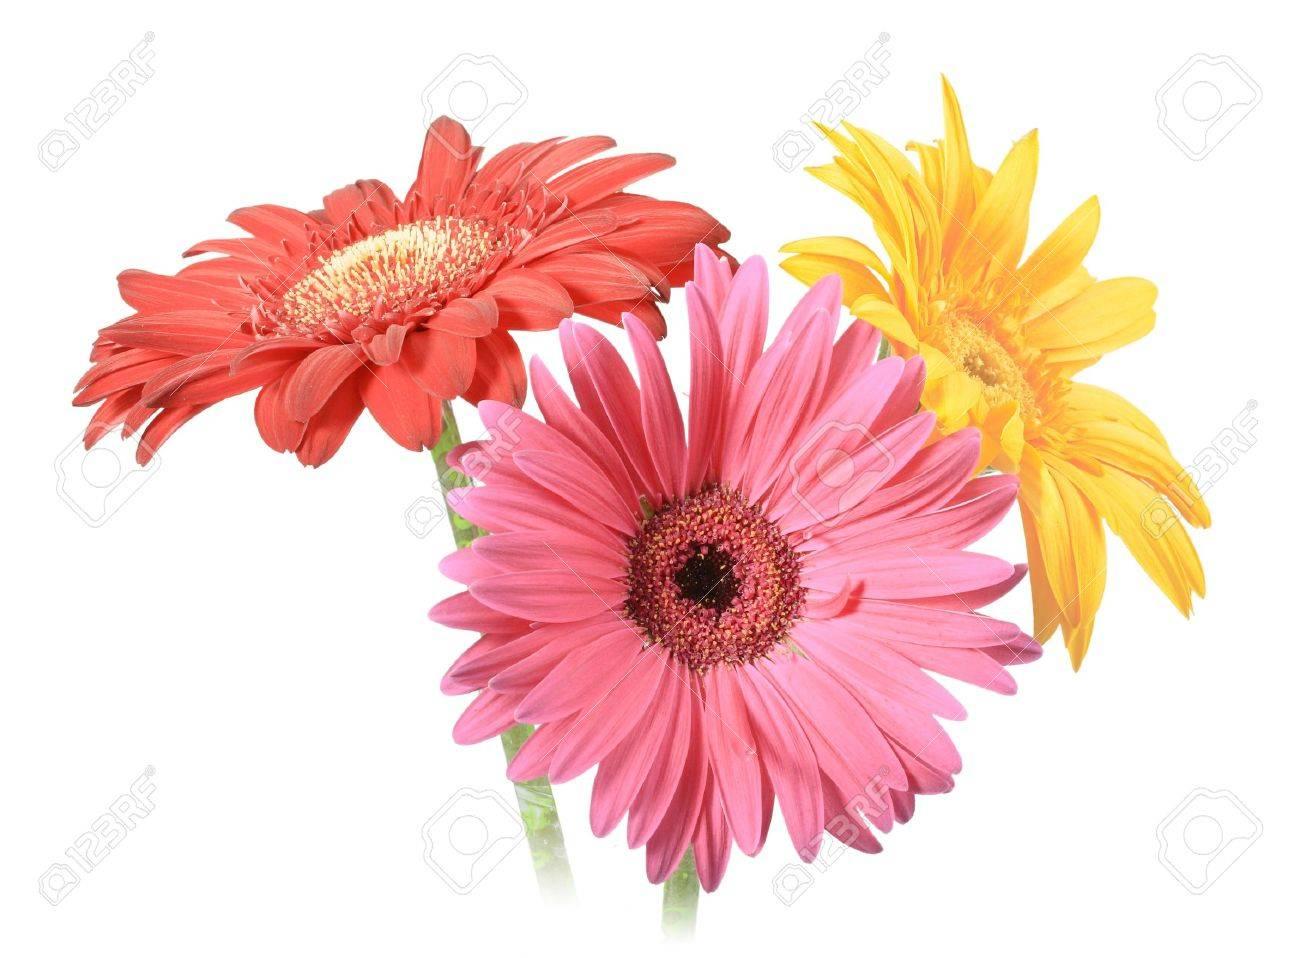 7148002-Bouquet-de-trois-fleurs-isol-es-sur-fond-blanc-Gros-plan--Banque-d'images.jpg